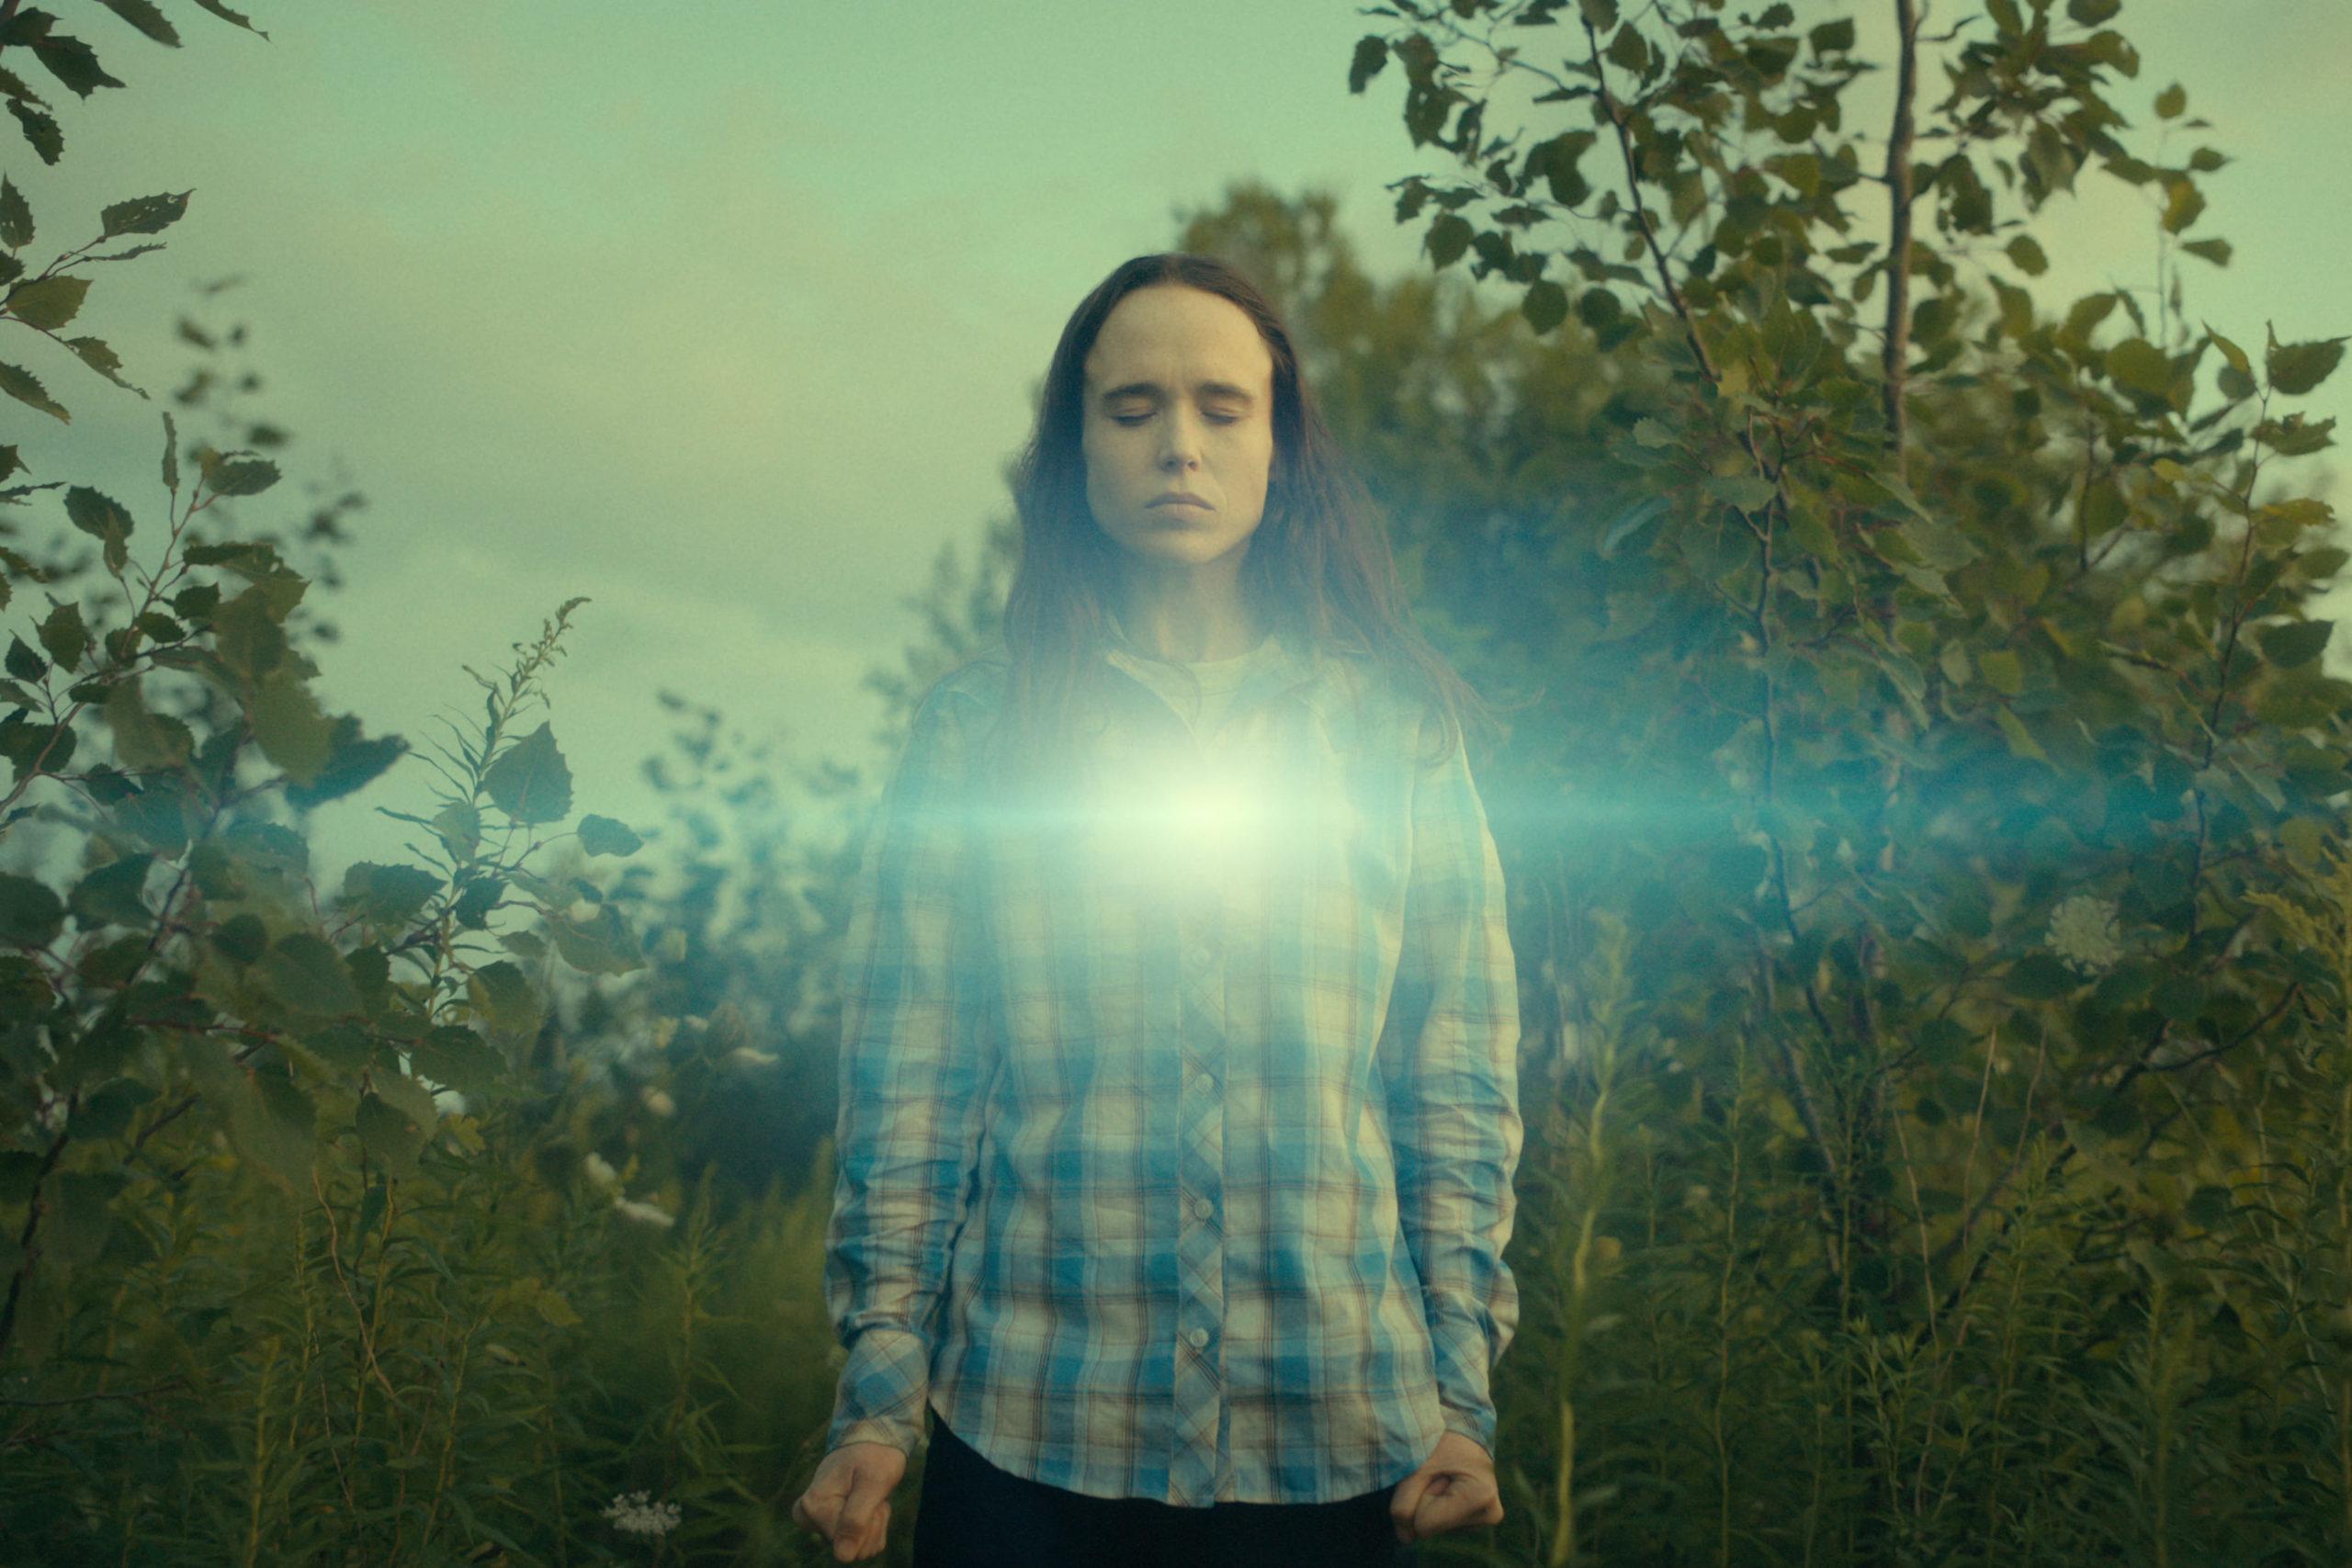 El superpoder de Ellen Page: reconocer sus privilegios como actriz blanca